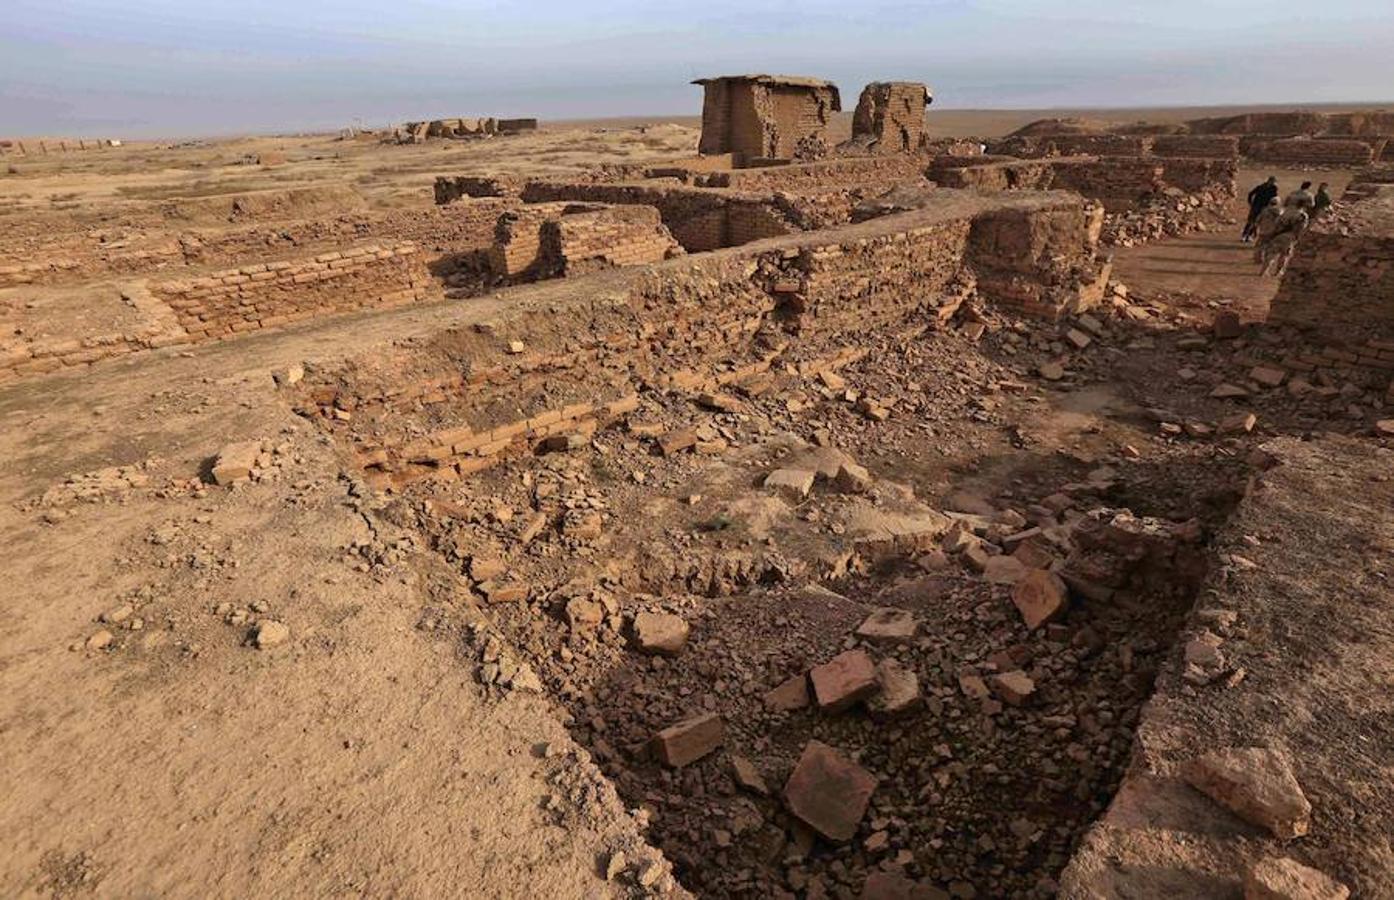 La antigua ciudad de Nimrud, destruida por Daesh